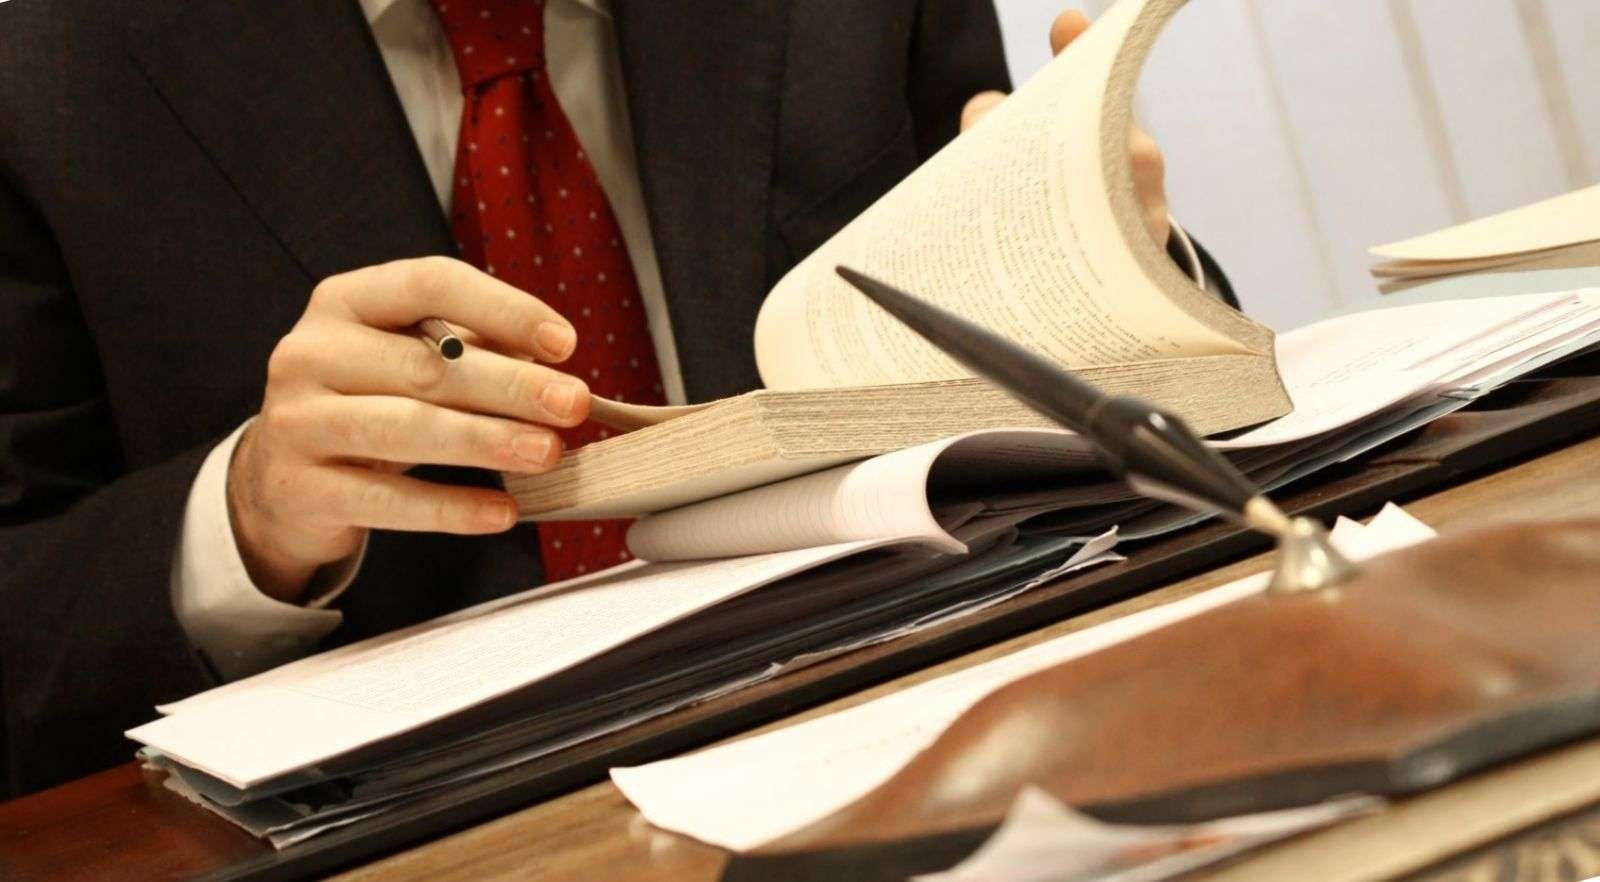 Бесплатная юридическая консультация доступна в Бресте, но только один день